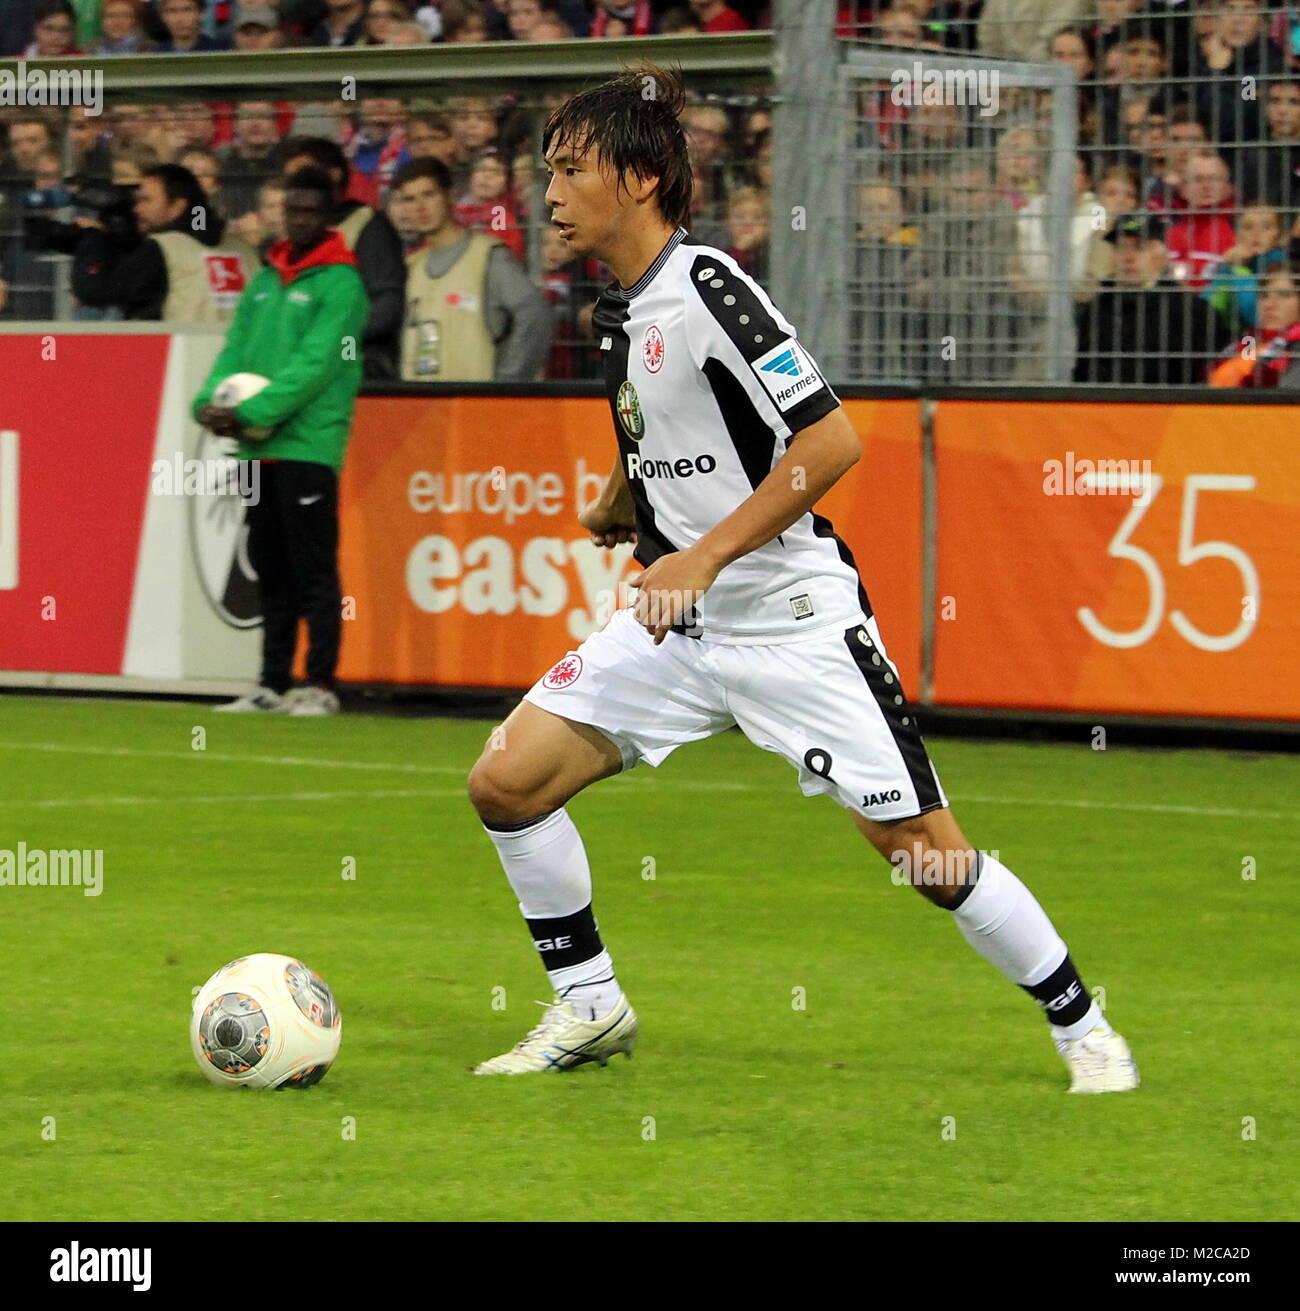 Takashi INUI, Spieler Eintracht Frankfurt - Fußball-Bundesliga: 8. Spieltag, SC Freiburg vs. Eintracht Frankfurt - Stock Image